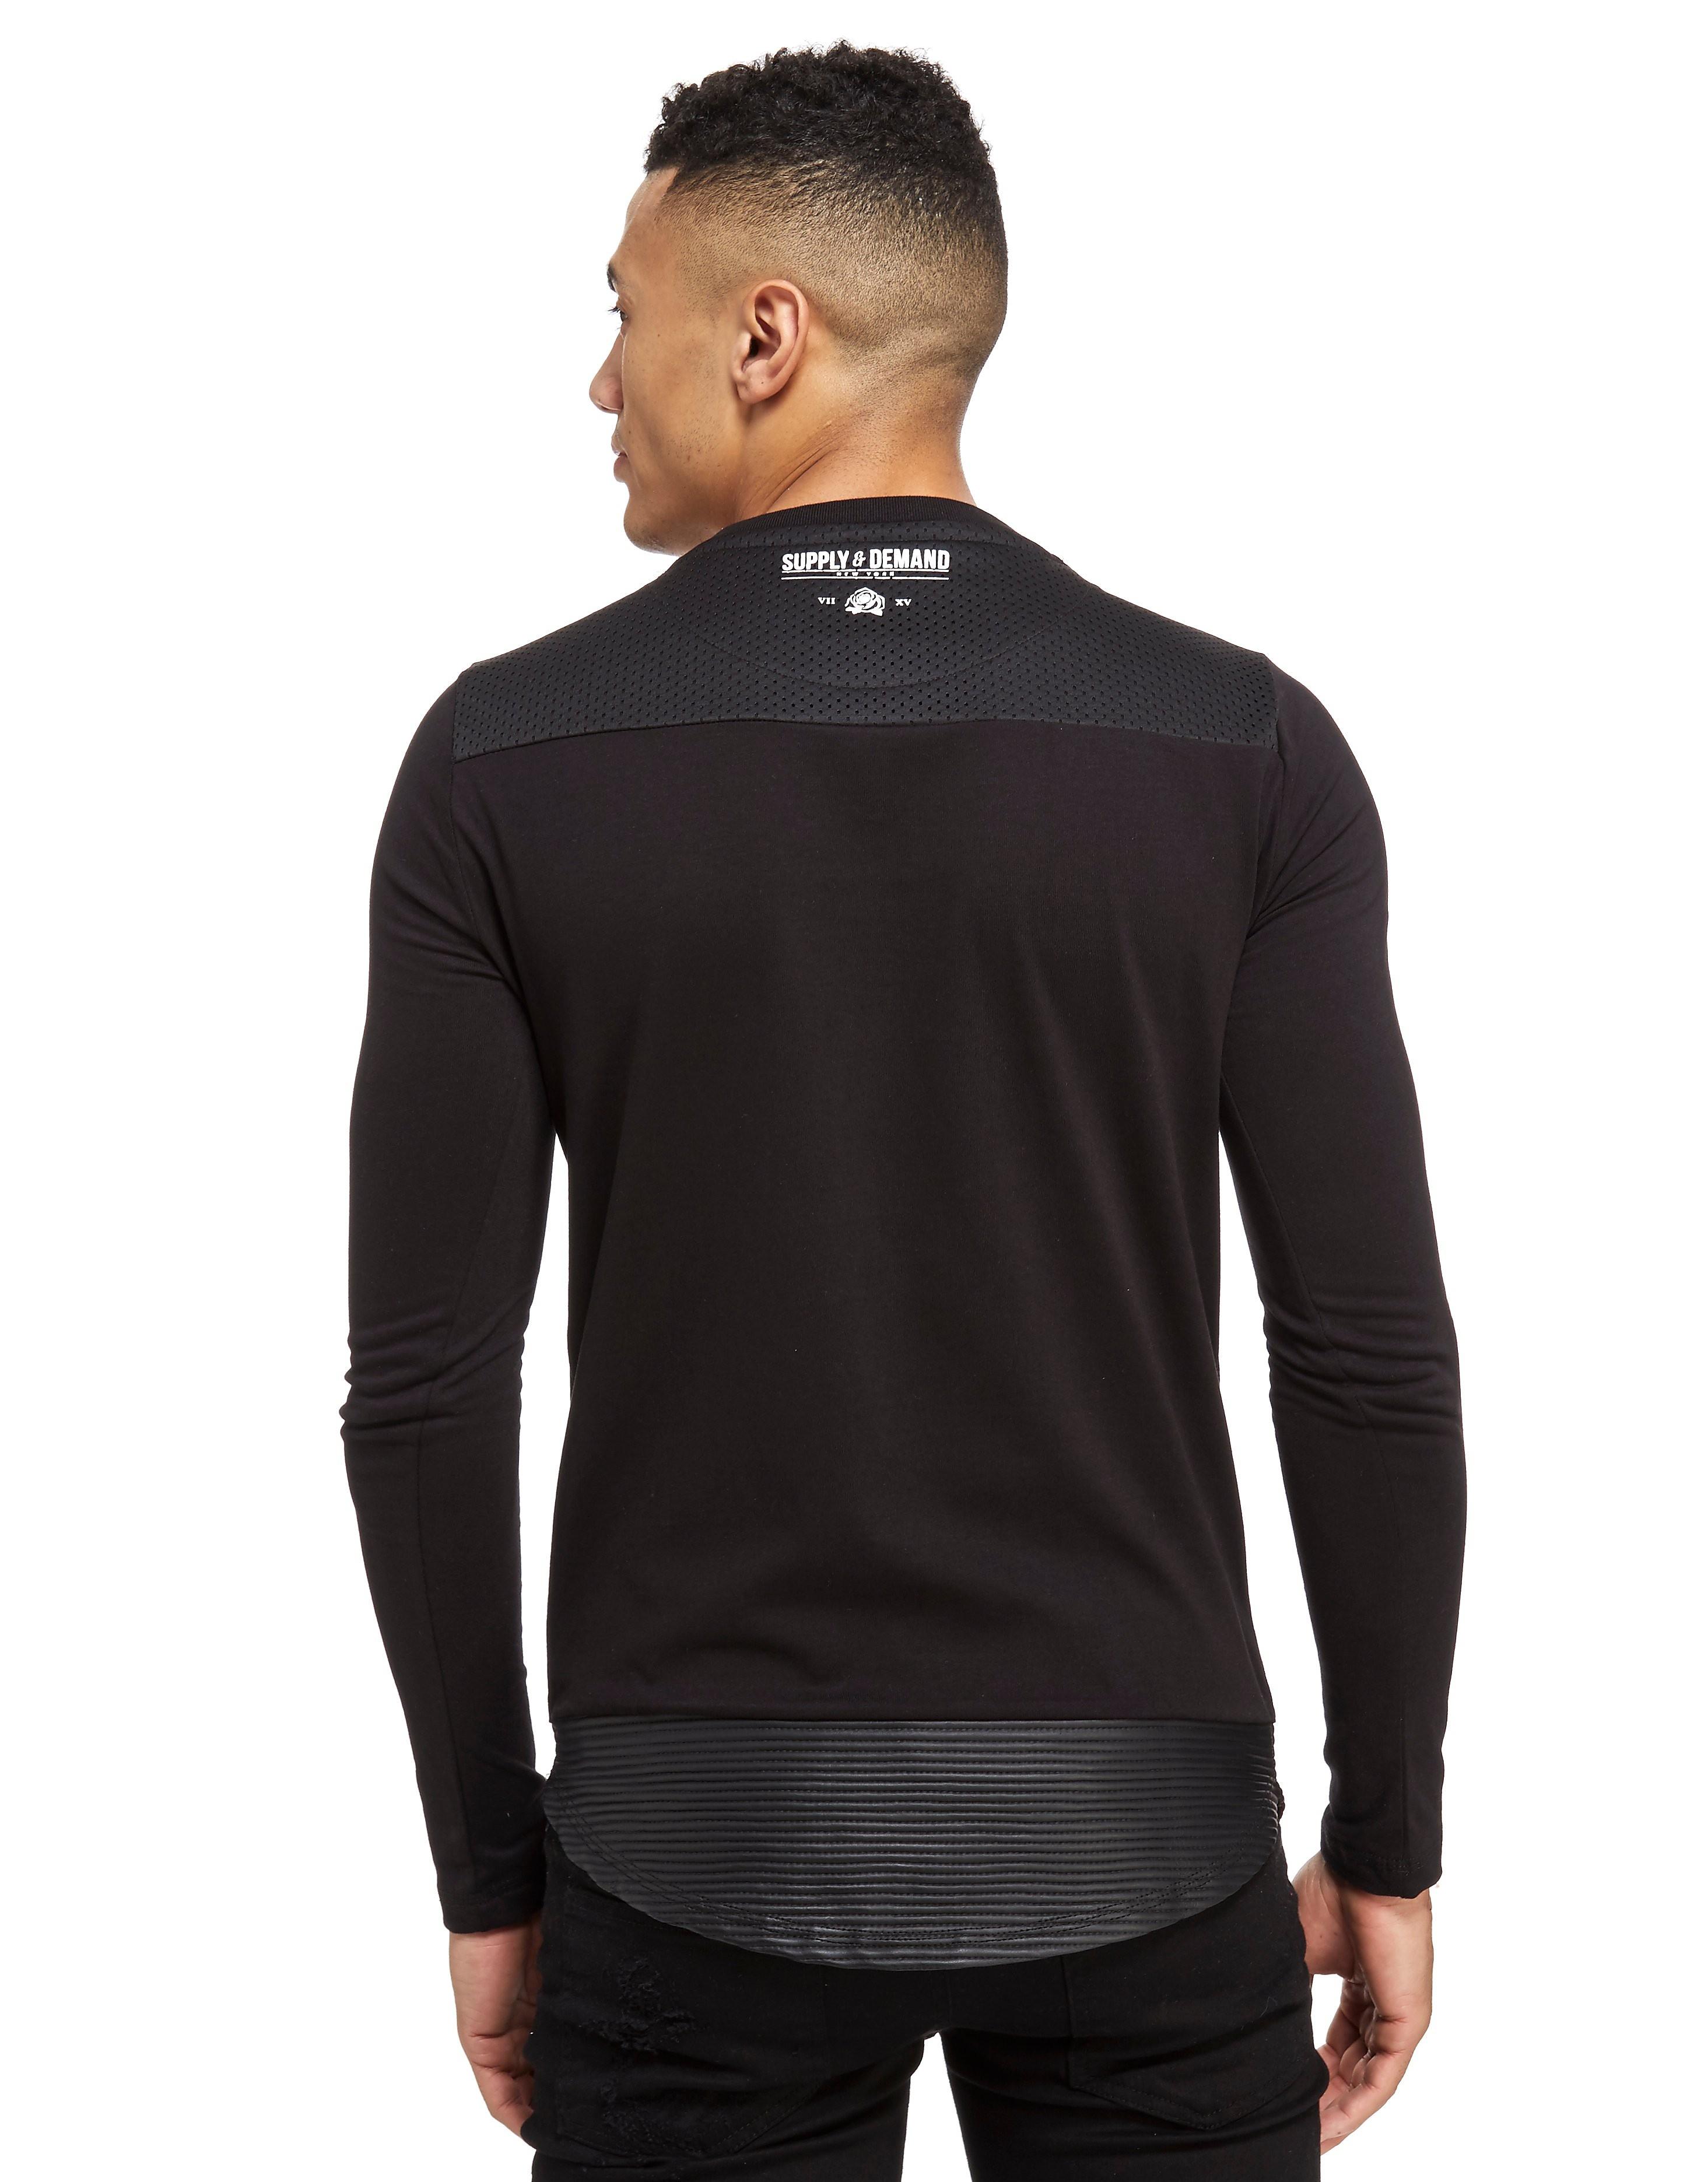 Supply & Demand Motor Long-Sleeved T-Shirt Heren